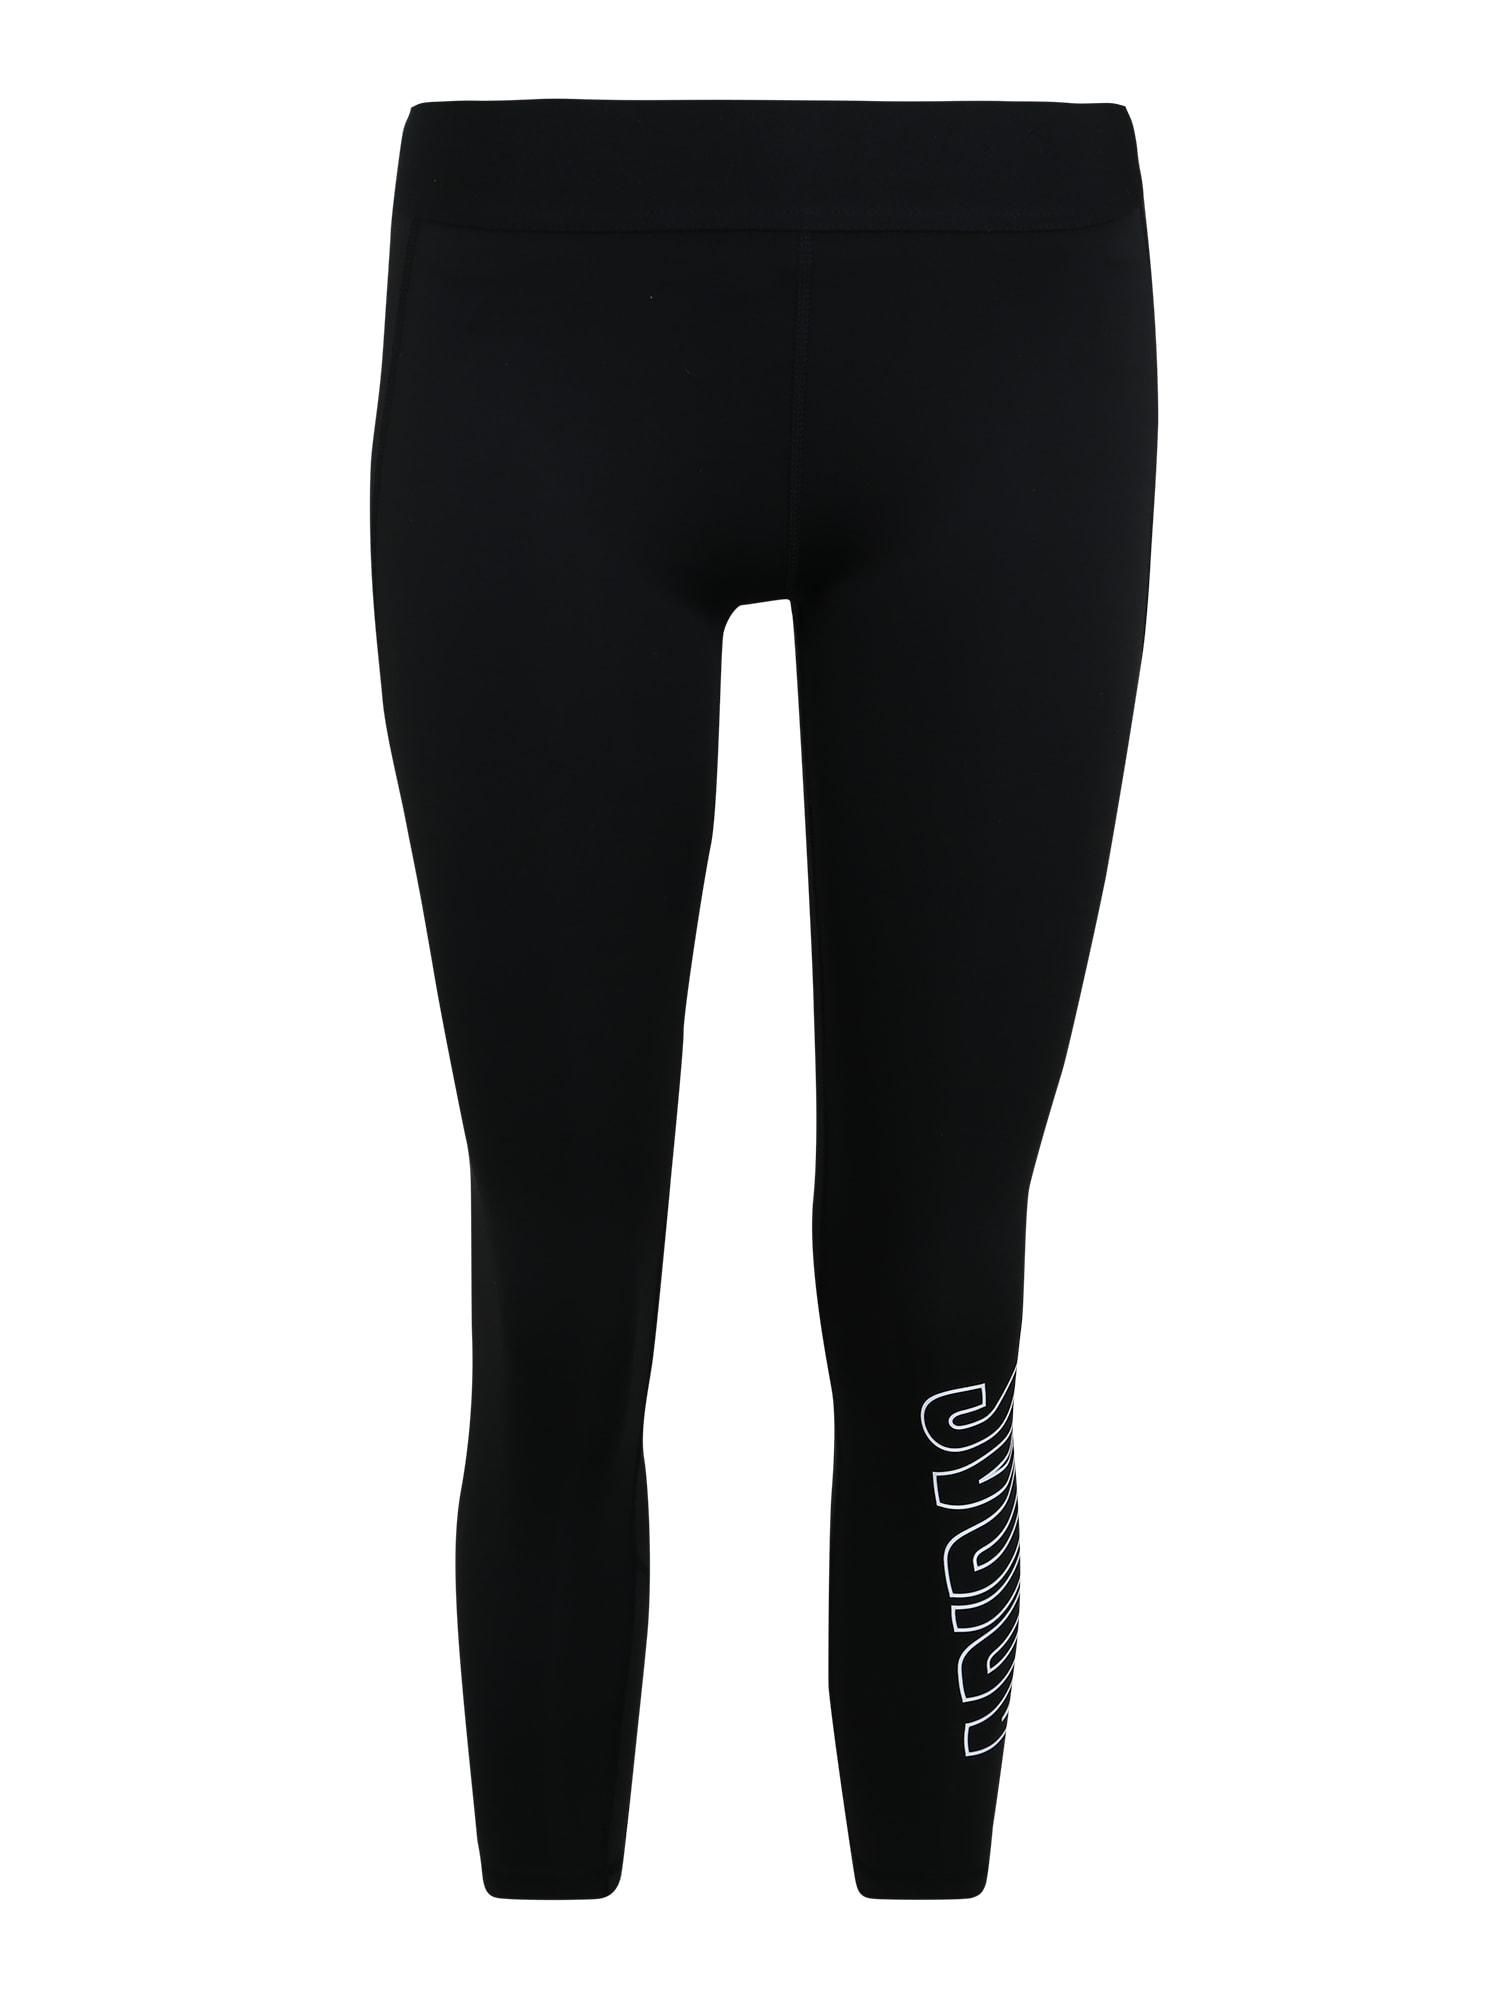 ADIDAS PERFORMANCE Sportinės kelnės 'Alpha Skin' juoda